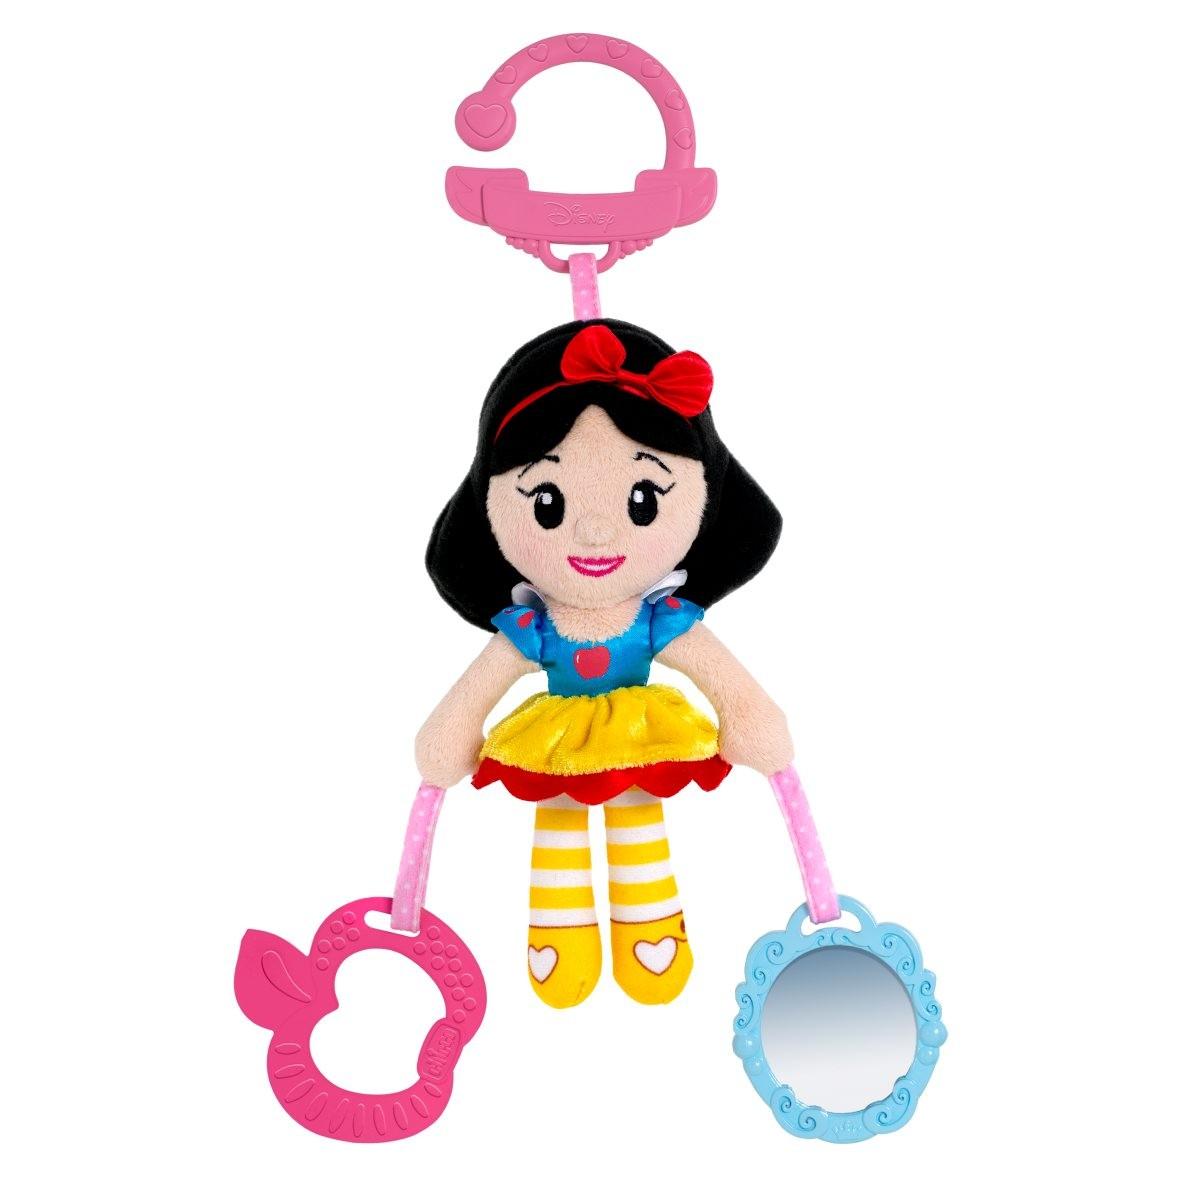 Мягкая подвесная игрушка для коляски  Белоснежка - Развивающая дуга. Игрушки на коляску и кроватку, артикул: 143483